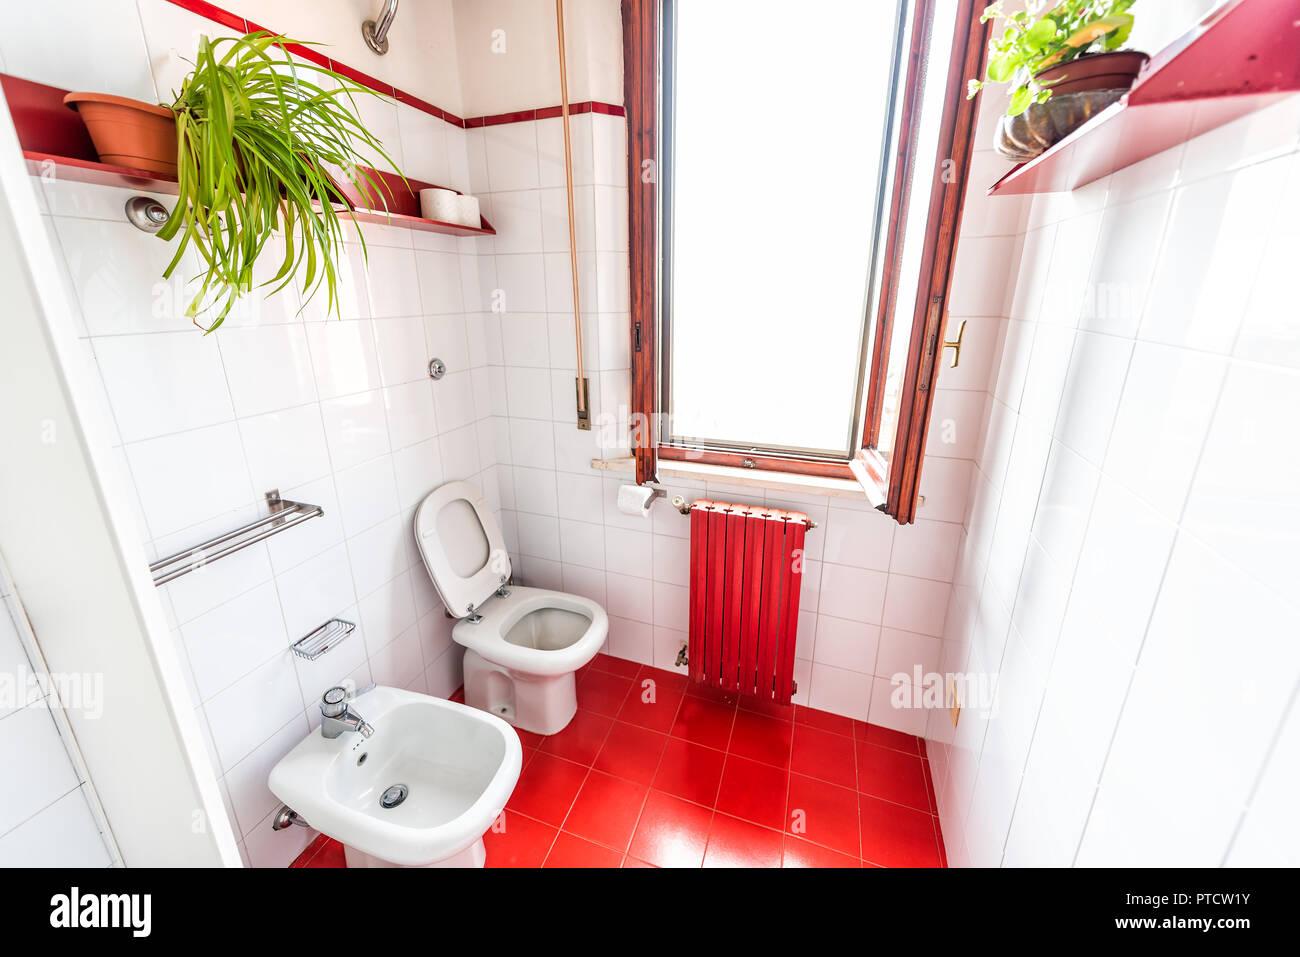 Salle De Bain Rouge Blanc salle de bains avec toilettes propres blanc vibrante couleur